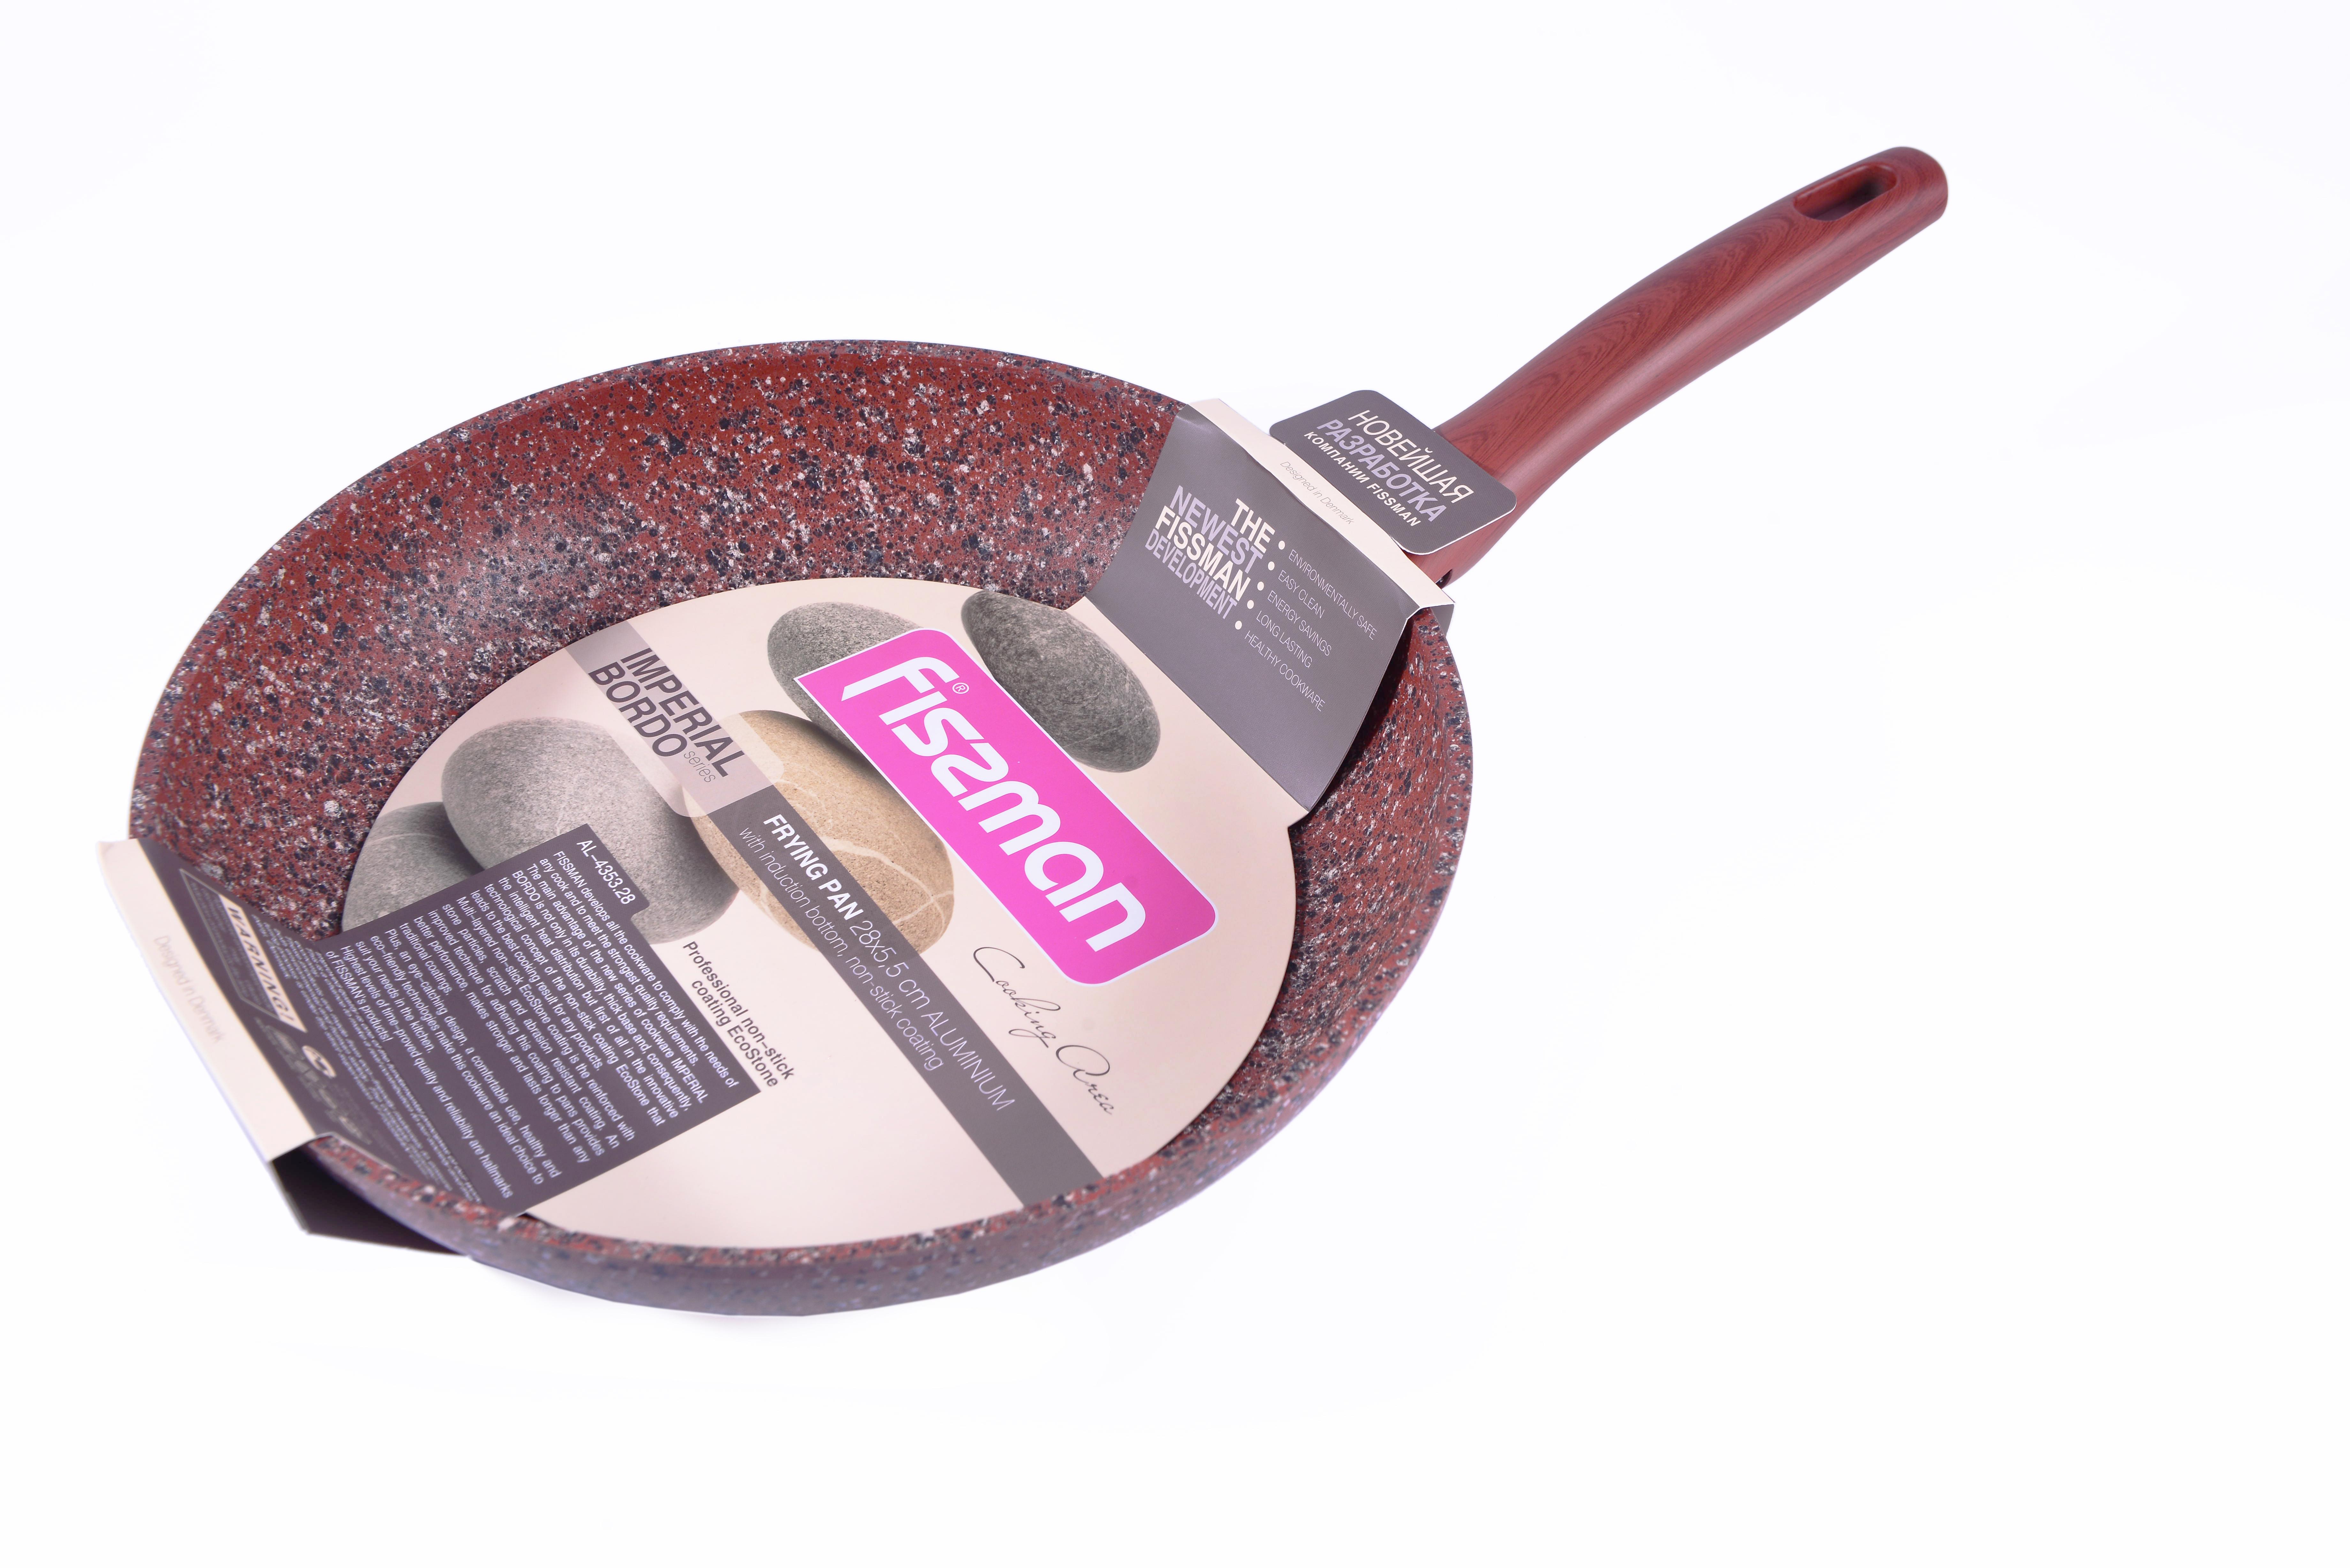 Сковорода Fissman Imperial Bordo, с антипригарным покрытием. Диаметр 28 смAL-4353.281 слой улучшает сцепление покрытия с металлом, 2 слой – грунтовый, 3 слой - более прочное покрытие на основе минеральных компонентов, 4 слой – высокопрочное антипригарное покрытие, усиленное вкраплением каменных частиц, 5 дополнительный антипригарный слой с керамическими частицами. Высота стенок: 5,5 см.